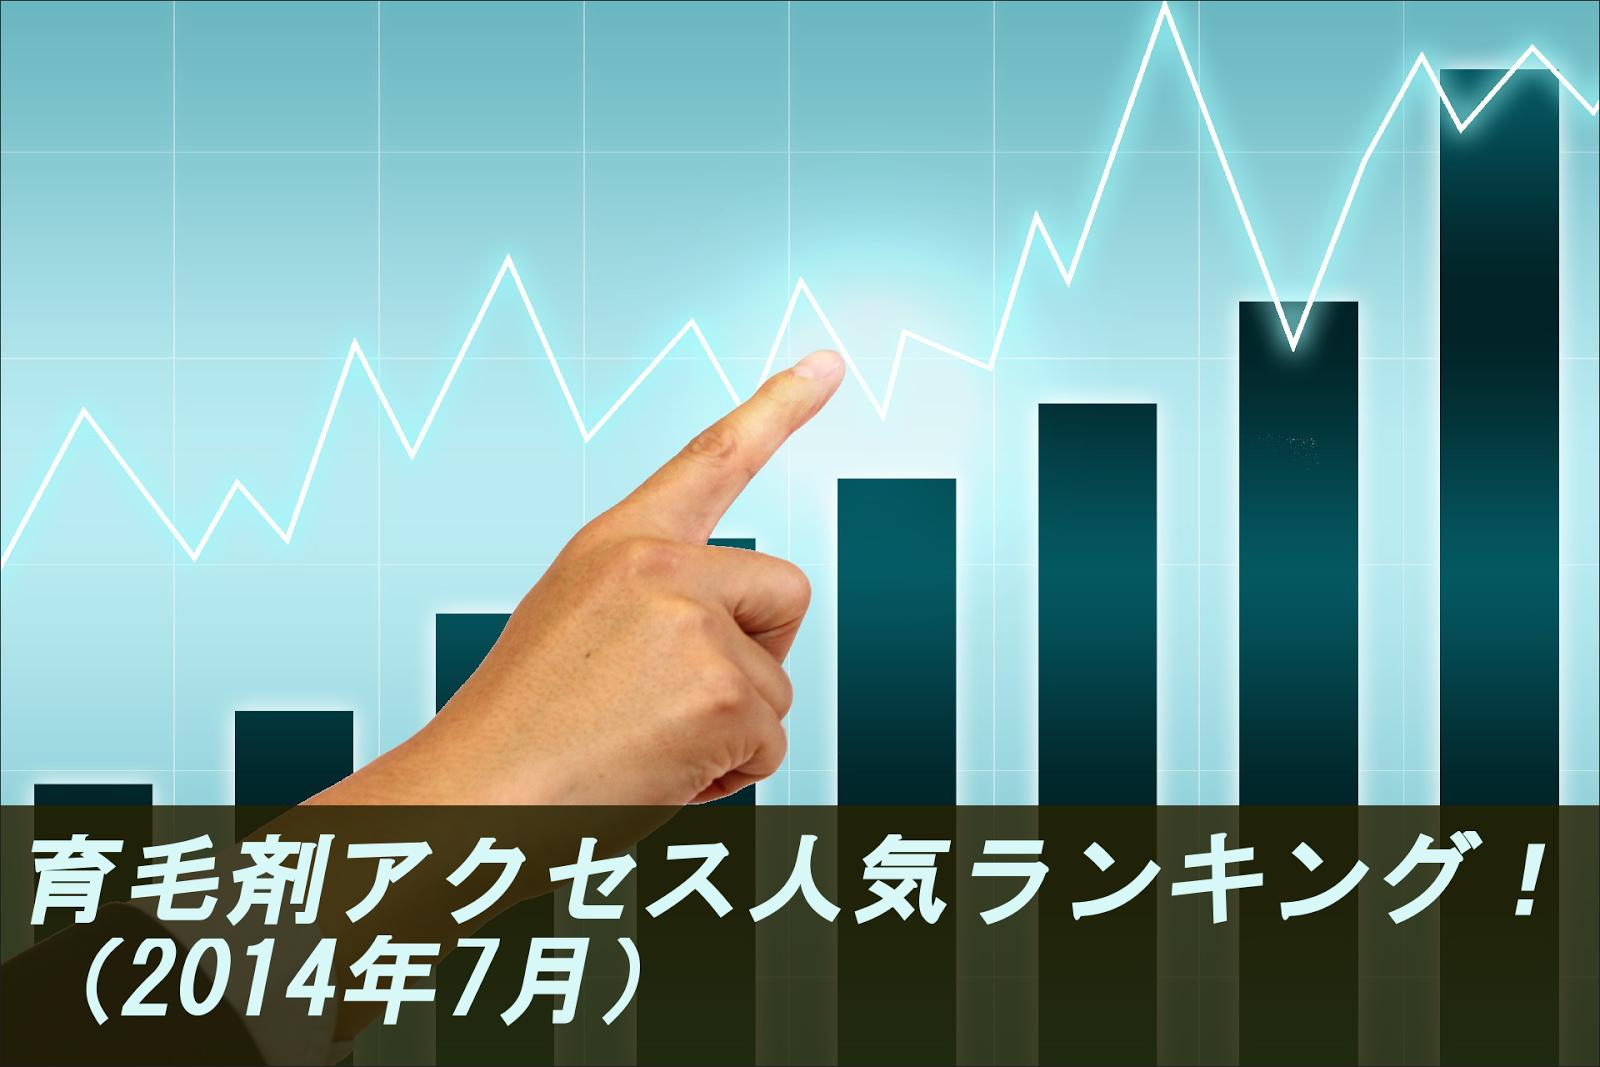 育毛剤アクセス人気ランキング!(2014年7月)